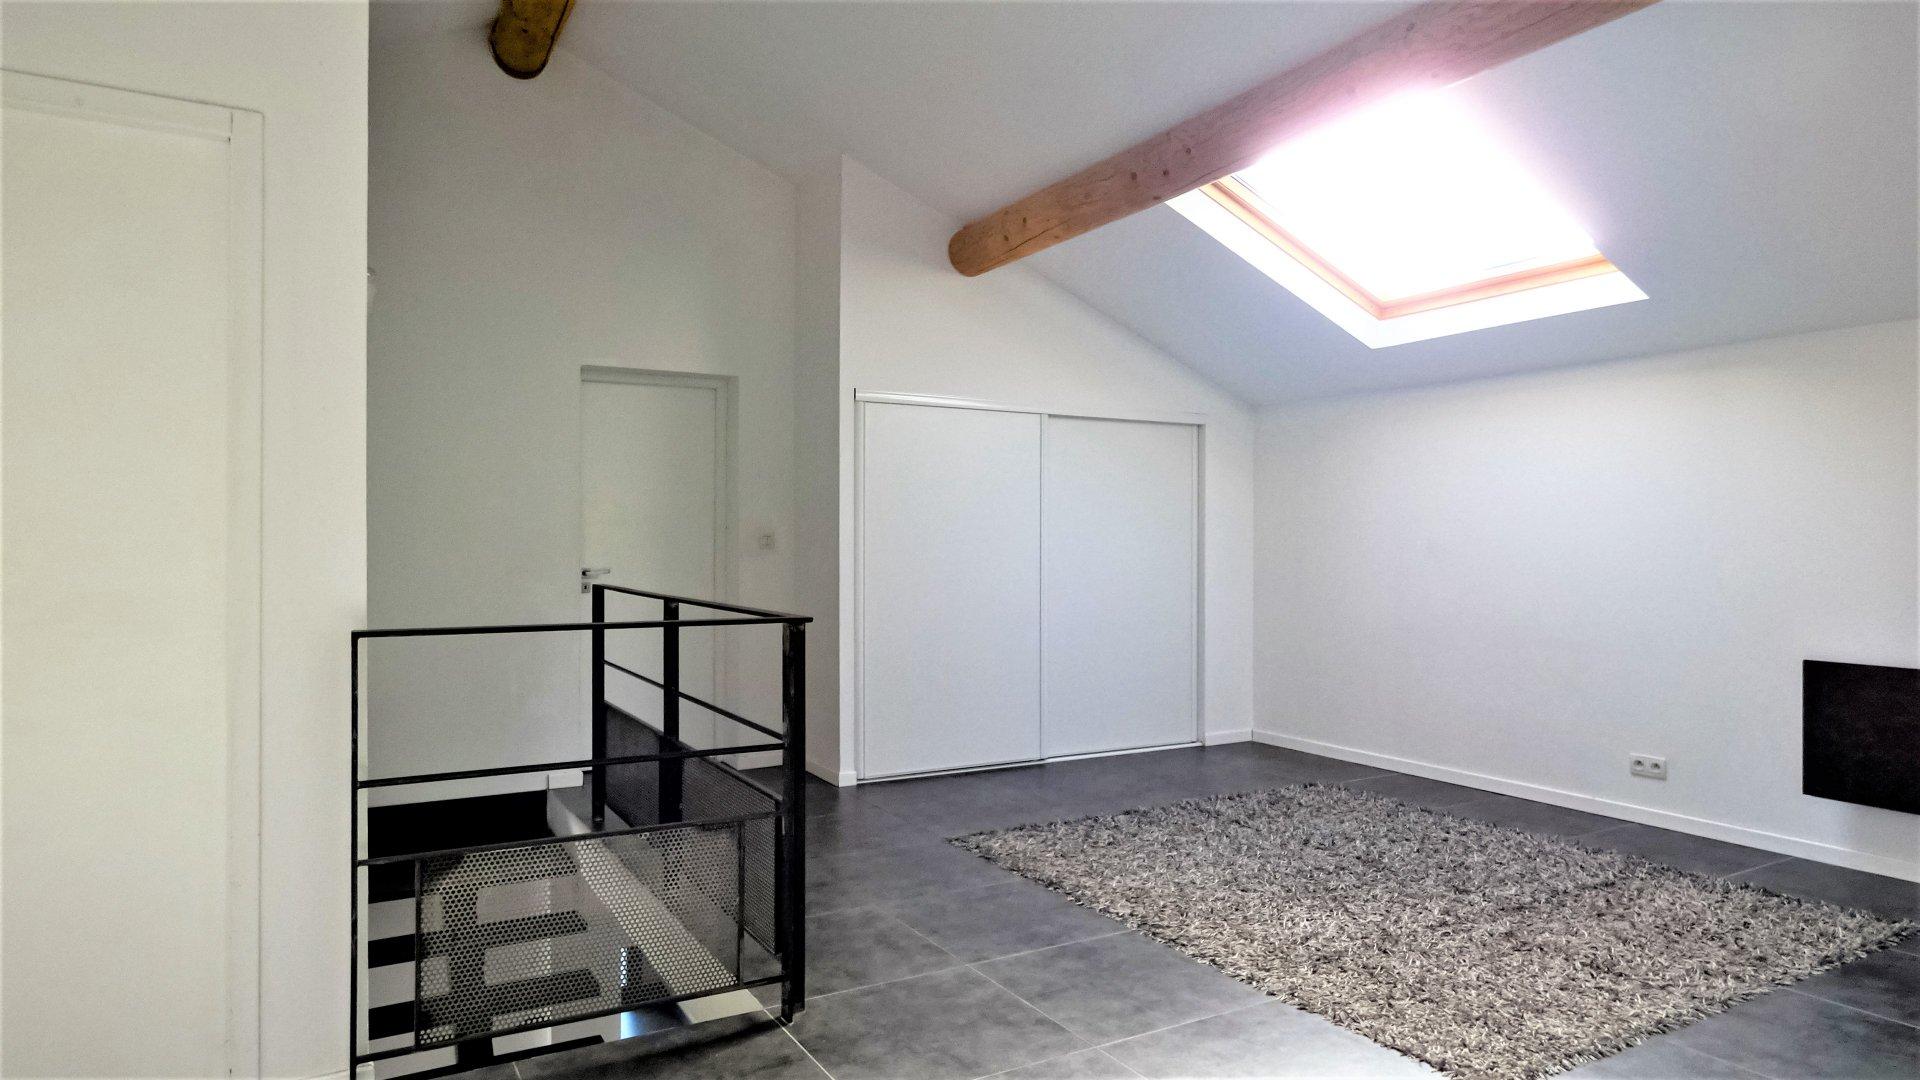 MAISON CABRIES 6 pièces 197m² sur 2 niveaux